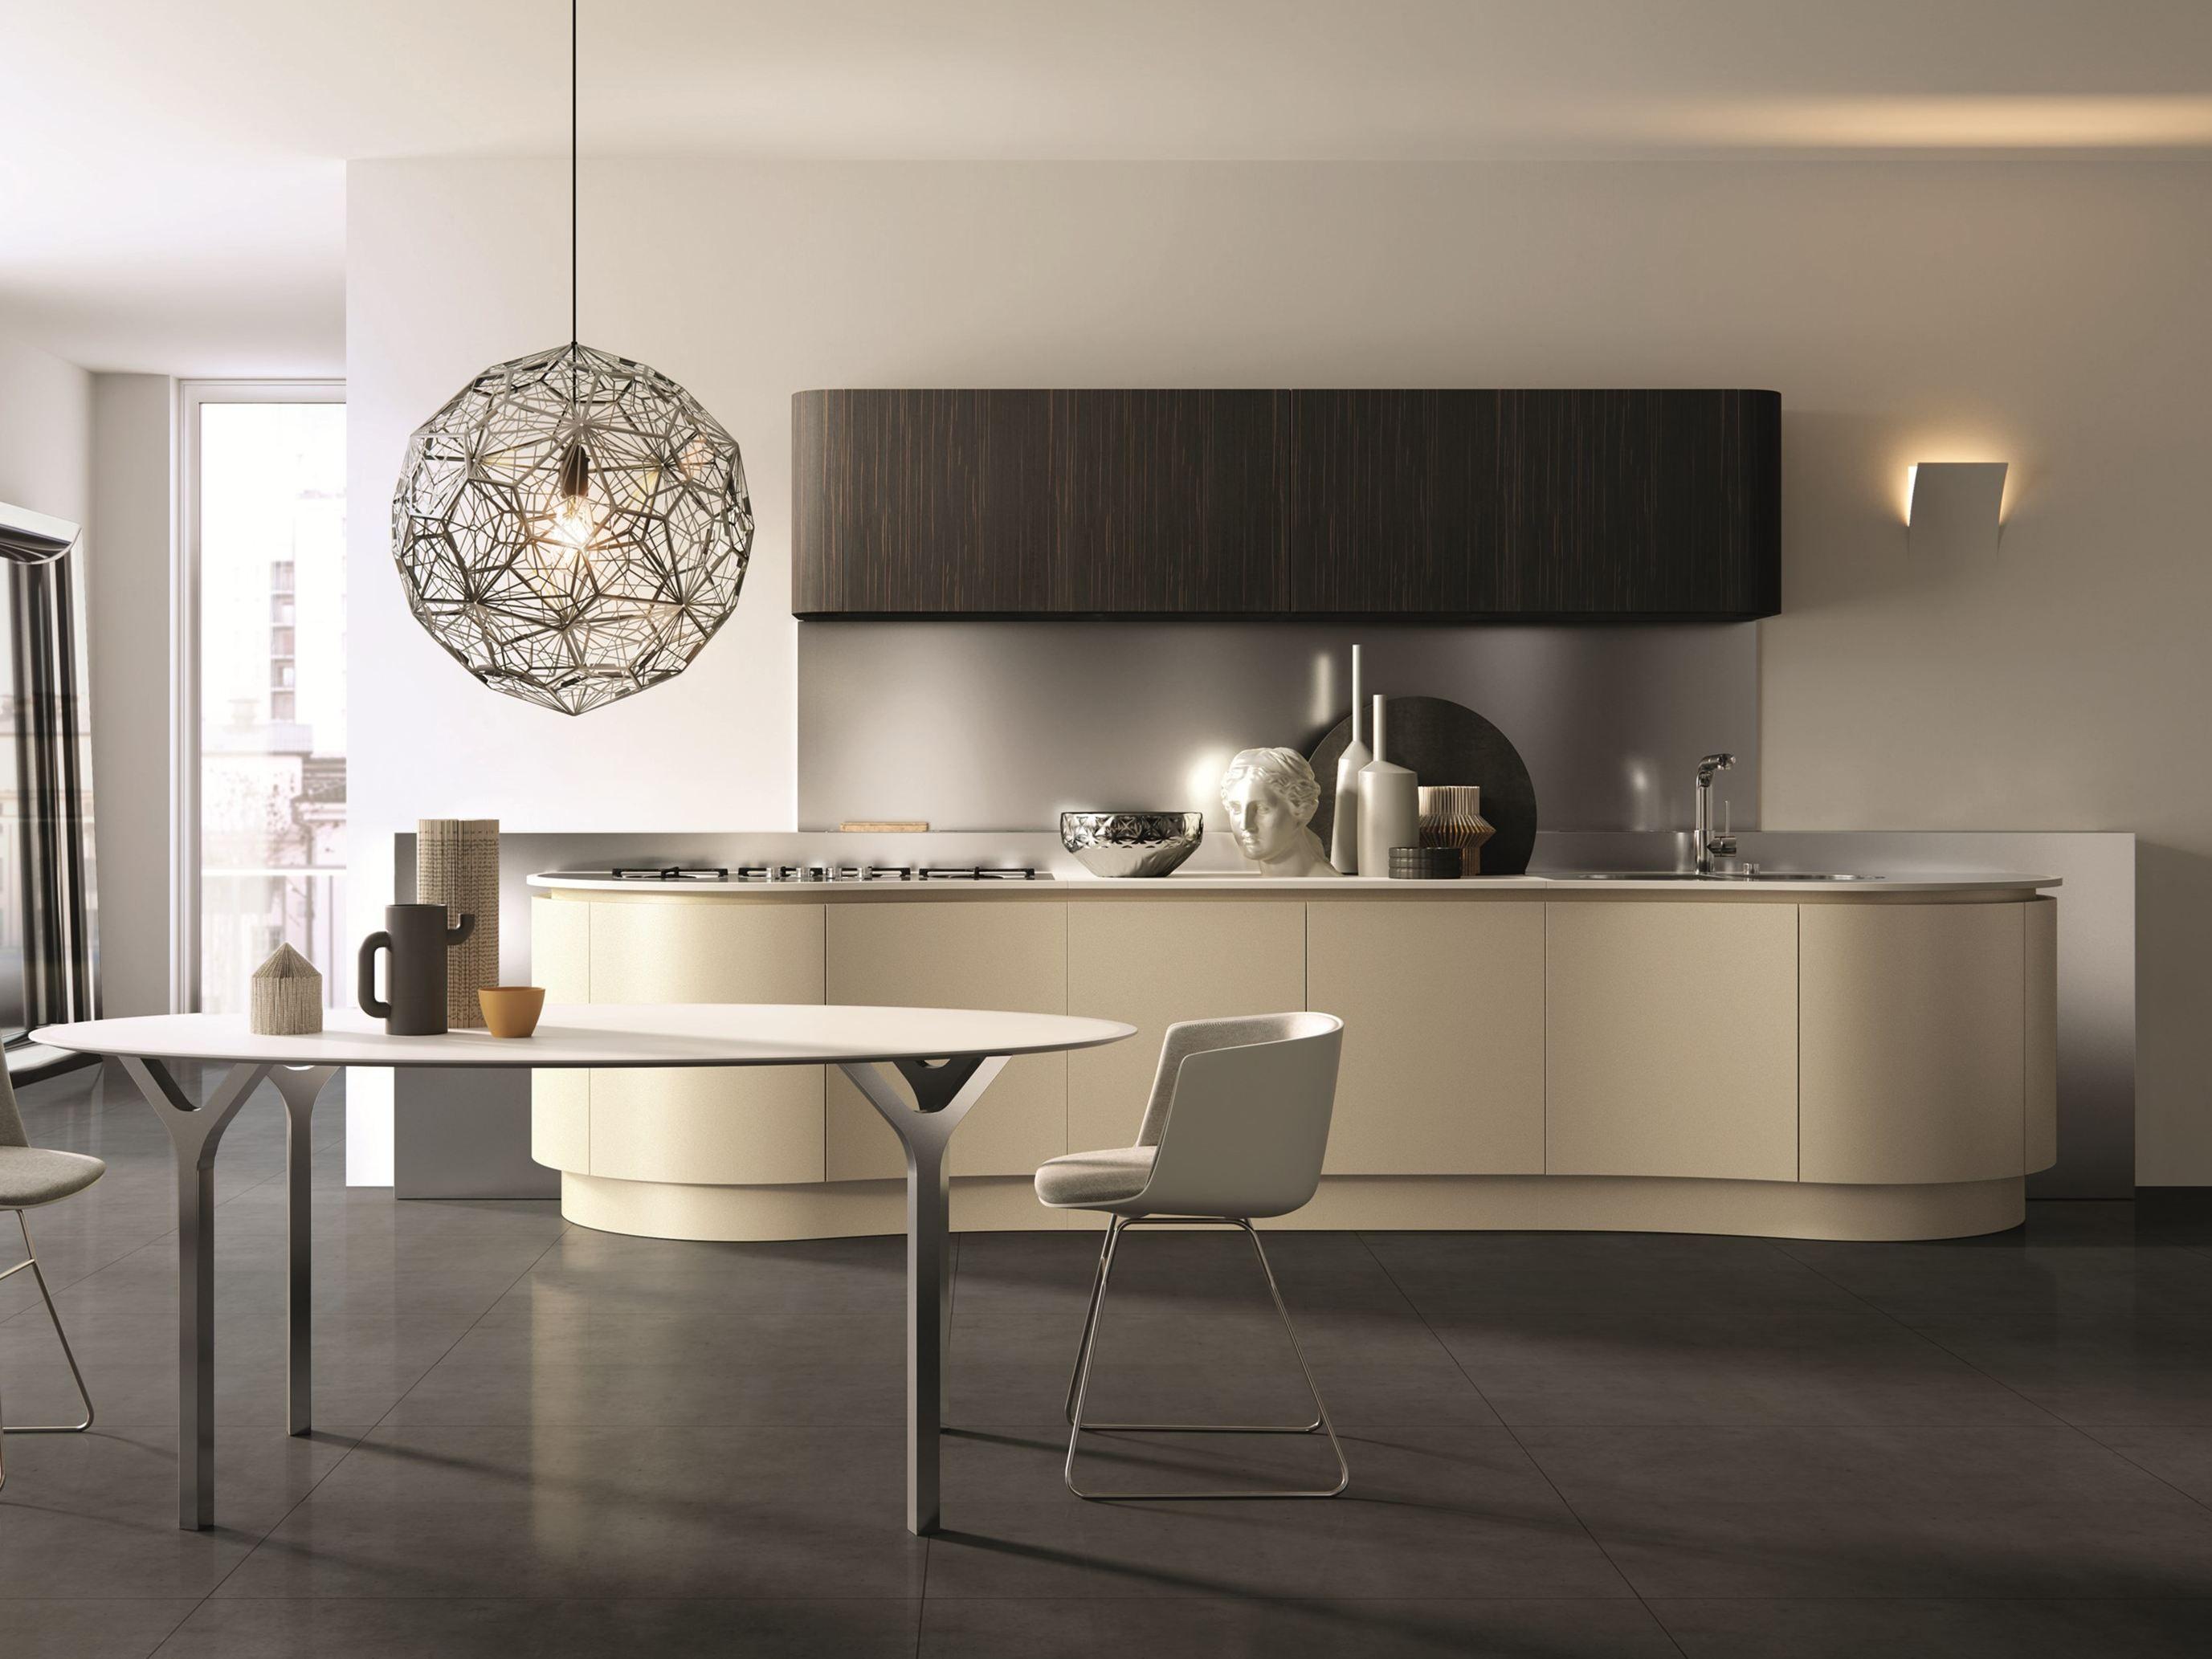 DOMINA Zeilen- Küche by Aster Cucine Design Lorenzo Granocchia ...